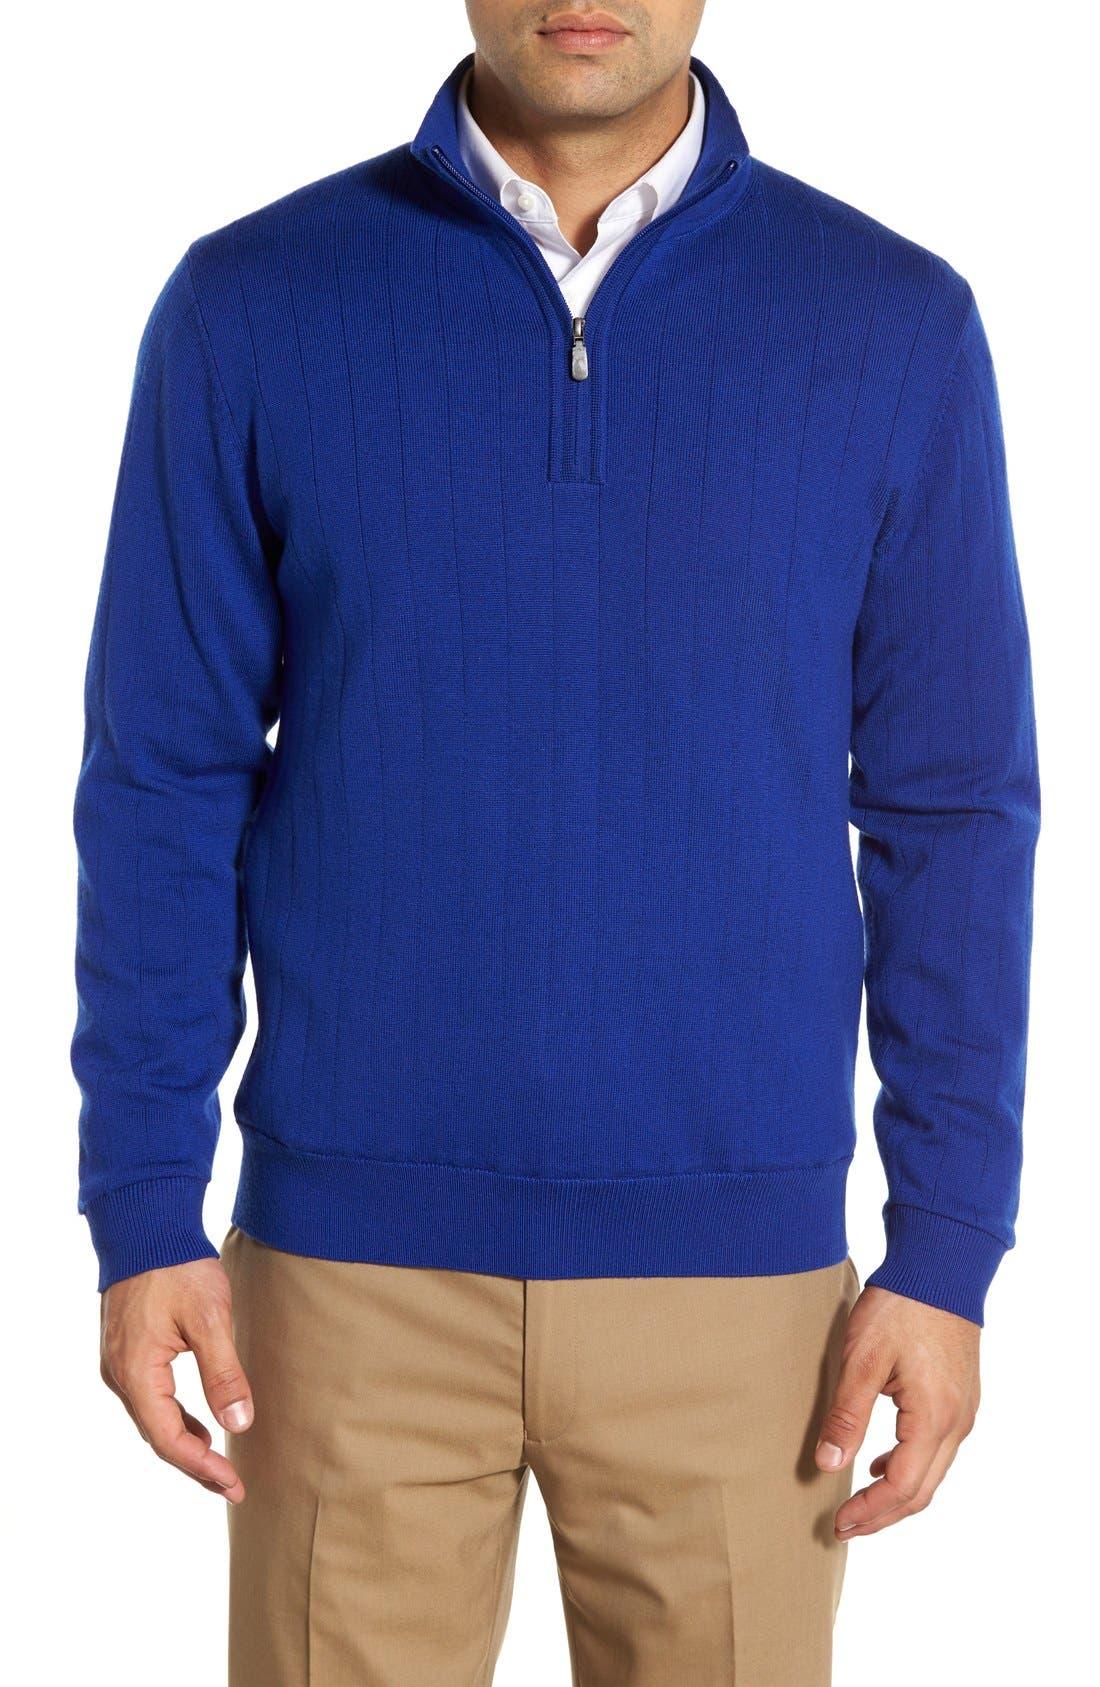 Main Image - Bobby Jones Windproof Merino Wool Quarter Zip Sweater